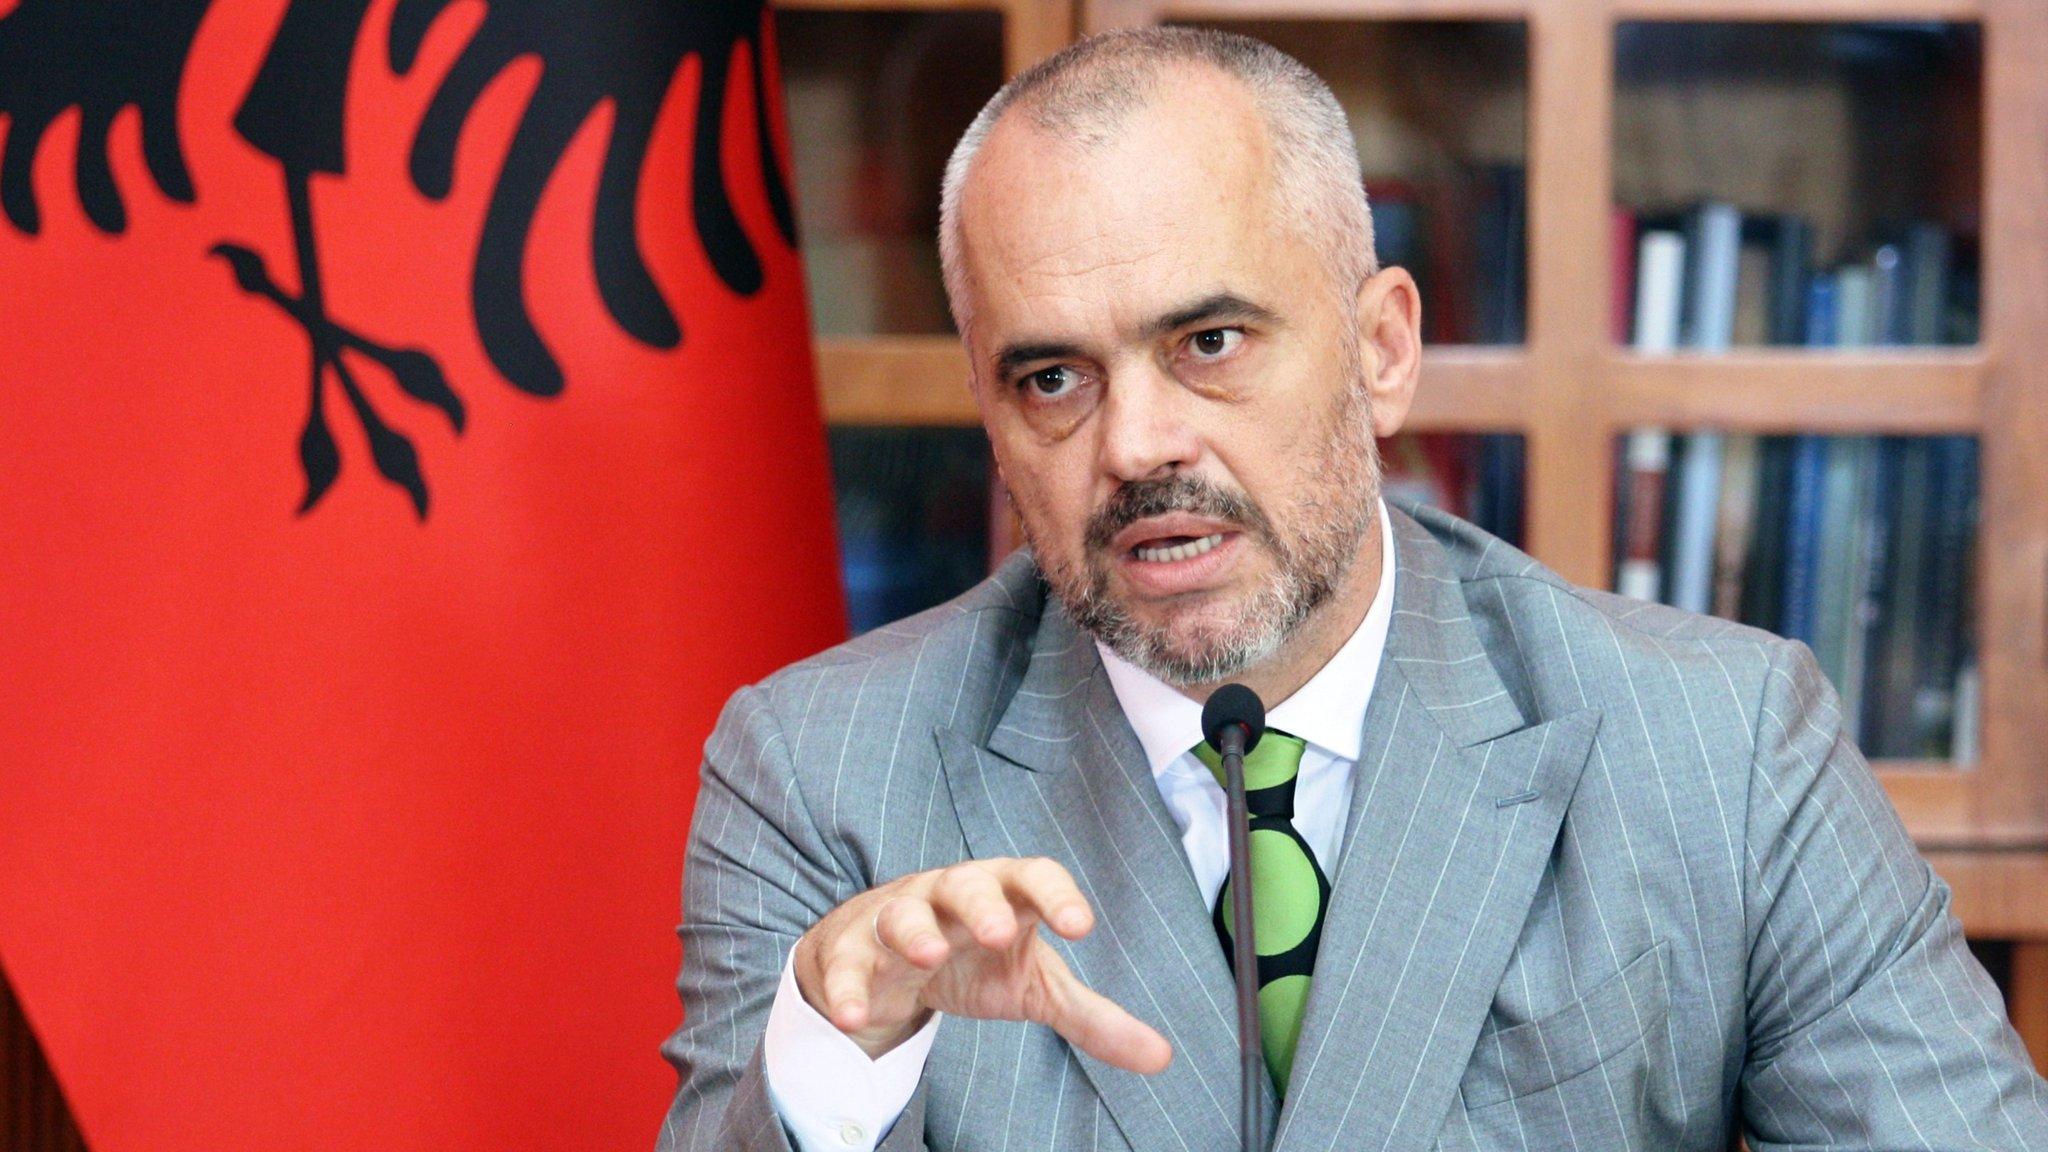 Αλβανία: Τη μεγαλύτερη ελευθερία στη δυσφήμιση στον πλανήτη έχει η χώρα σύμφωνα με τον Rama